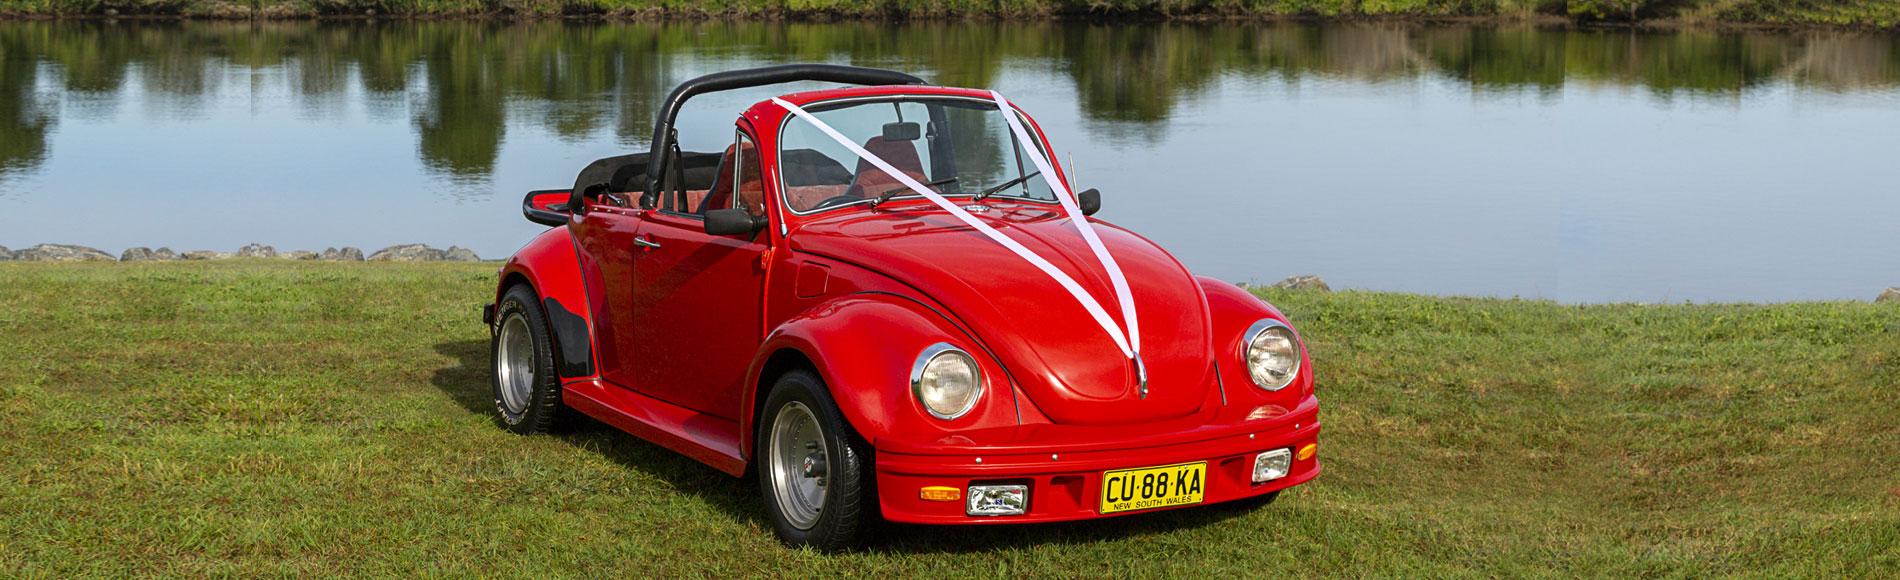 vw beetle wedding car byron bay